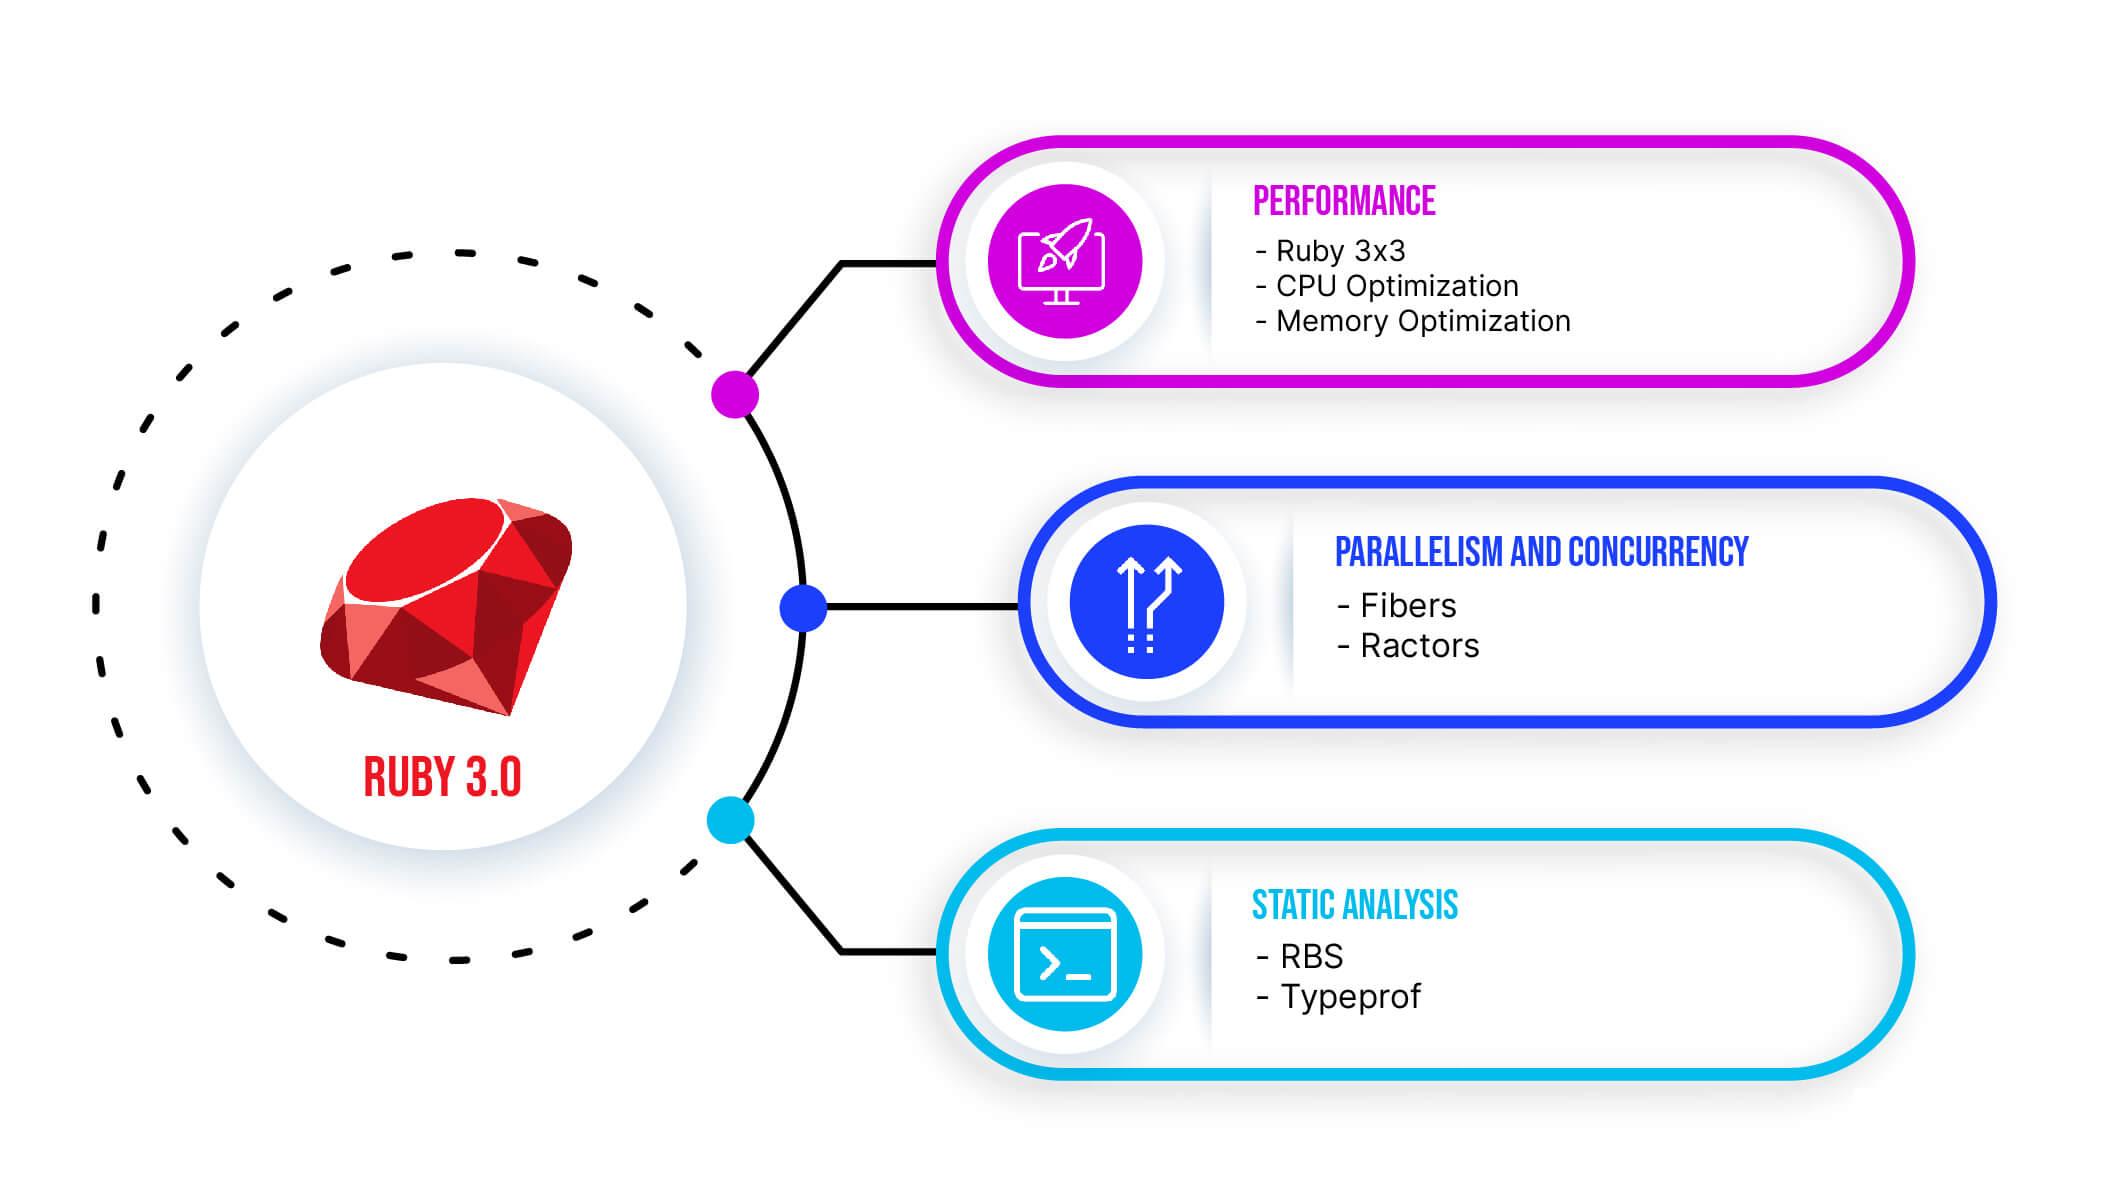 Representação gráfica mostrando, a partir do Ruby 3.0, 3 itens: performance, paralelismo e concorrência e análise estática.